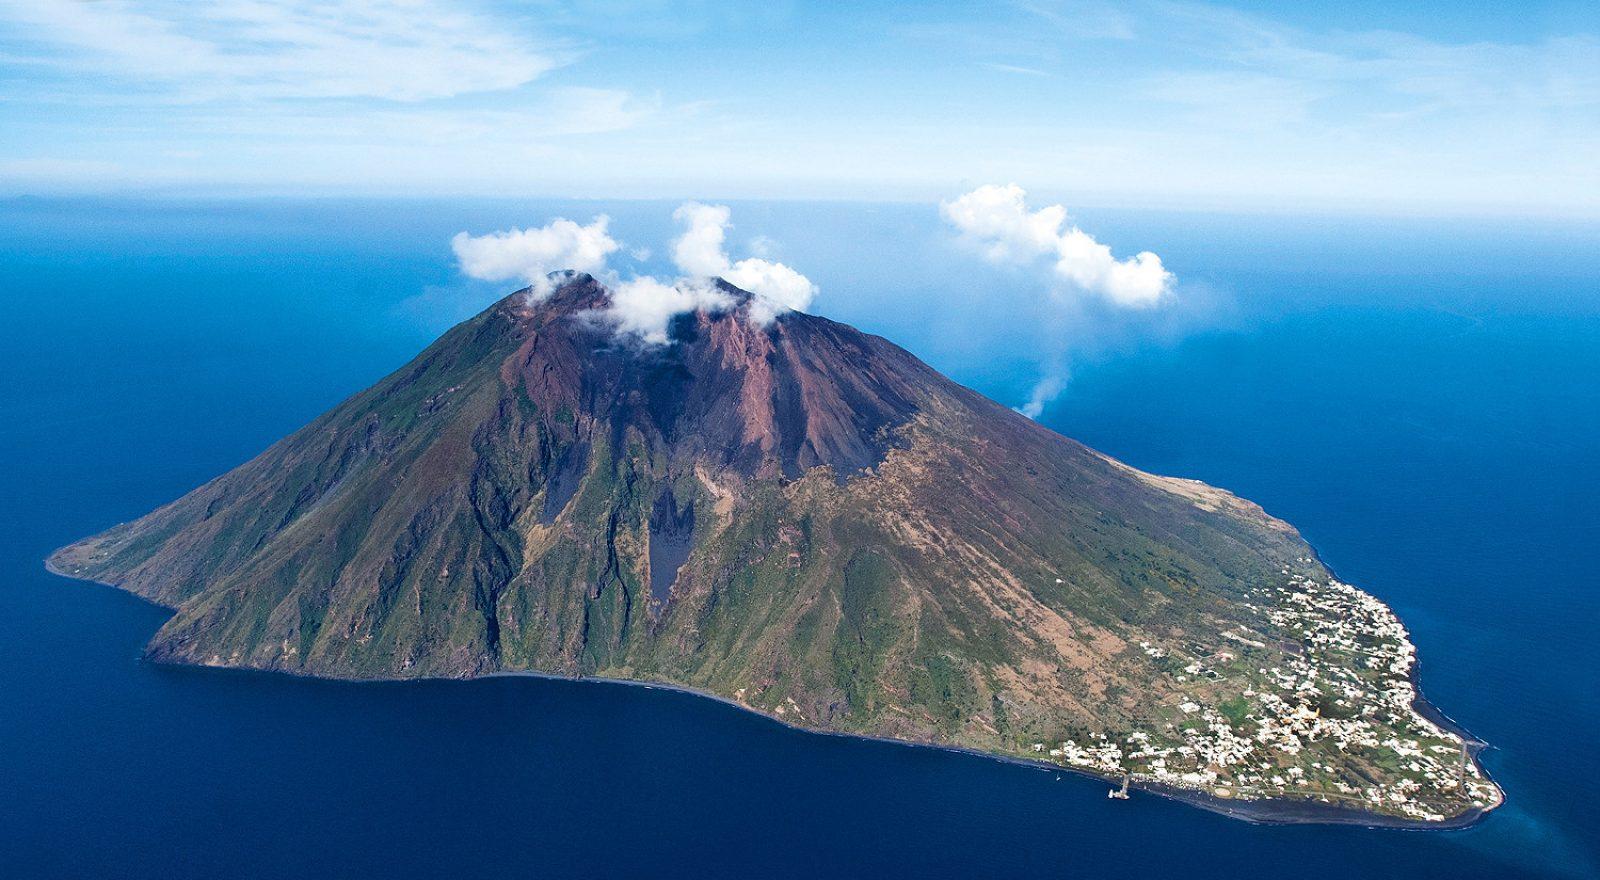 Stromboli, realizzata la radiografia muonica: si può monitorare l'interno del vulcano